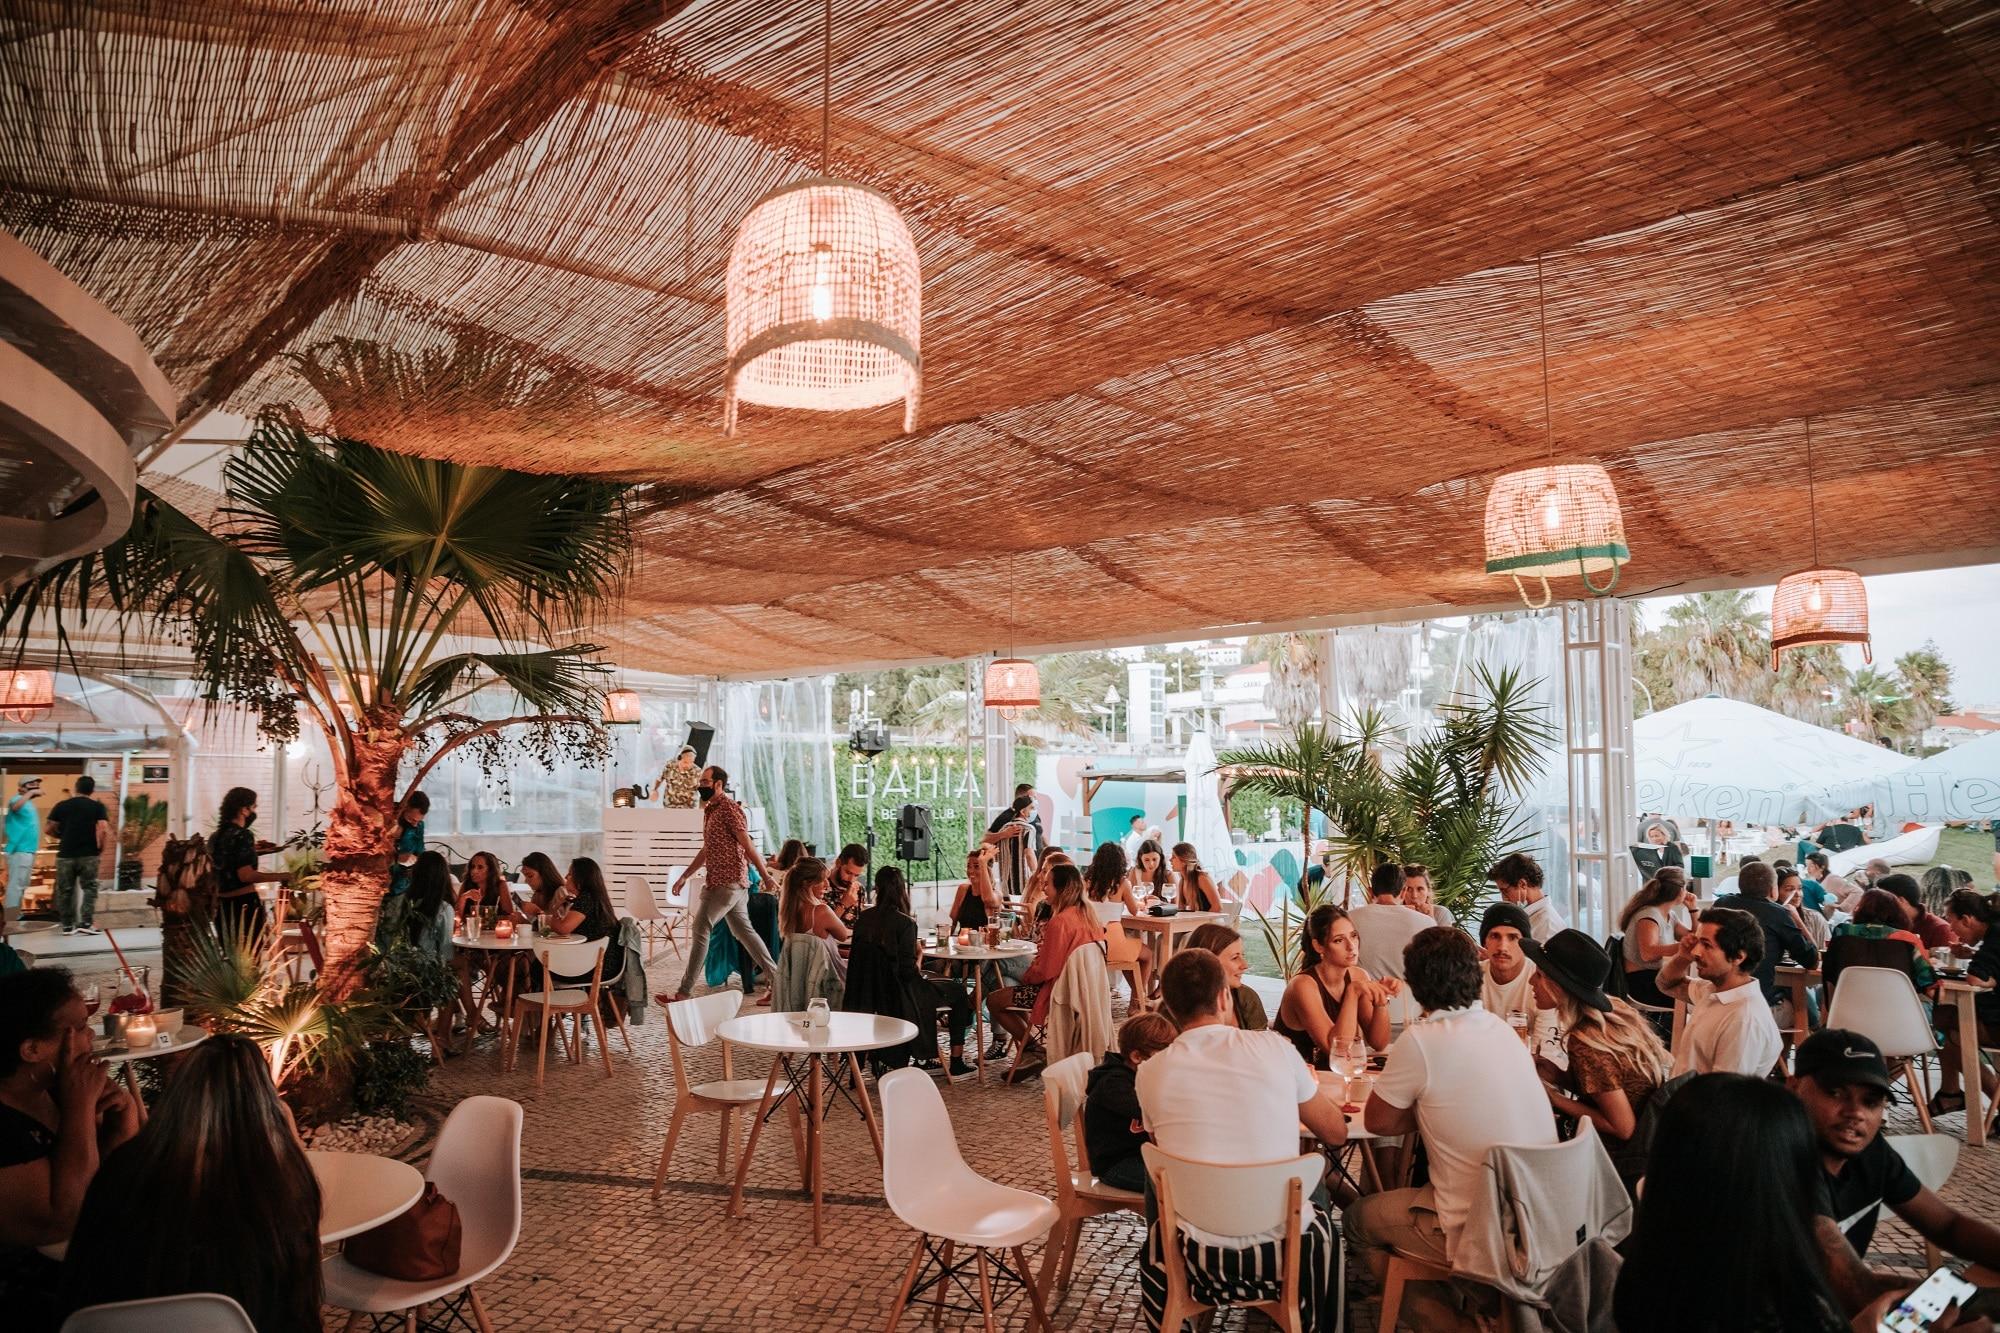 Bahia Beach Club Bar